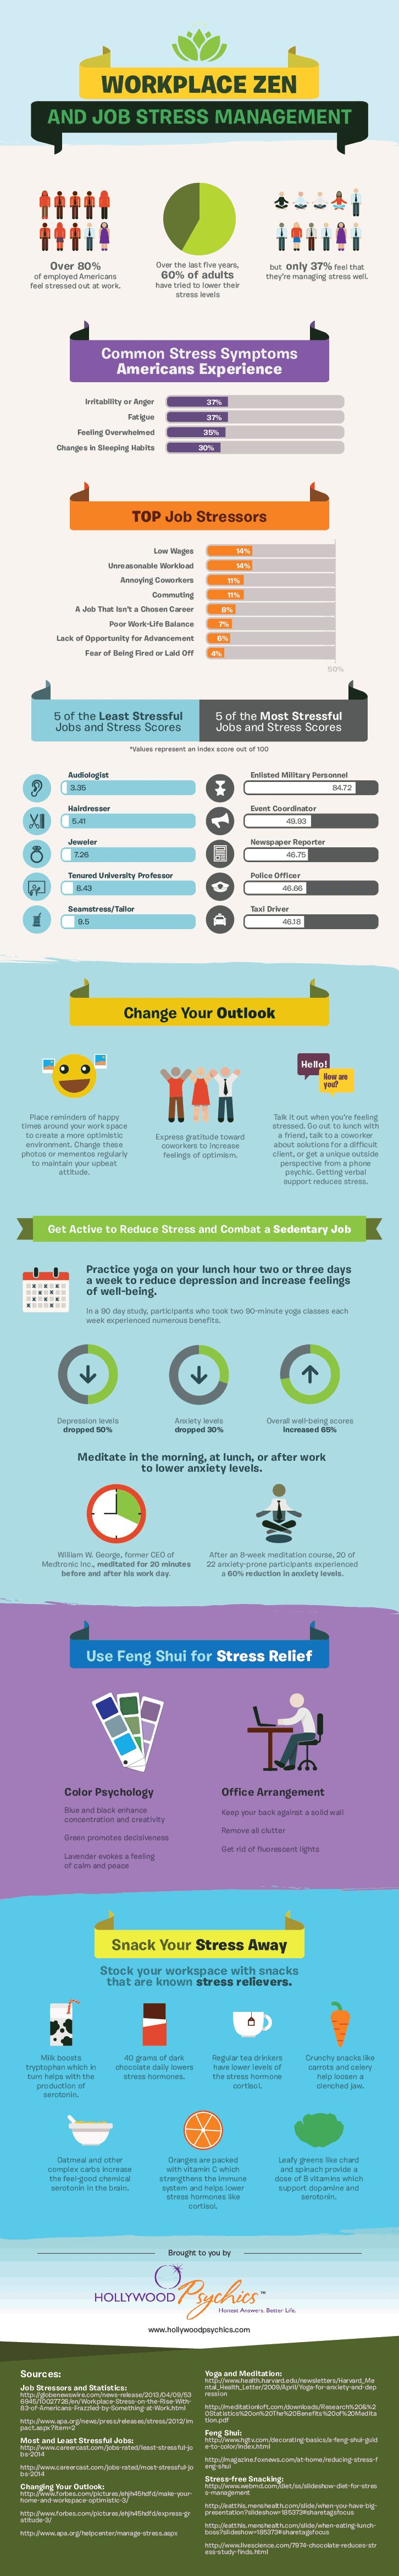 ZEN y gestión del estrés en el lugar de trabajo #infografia #infographic #rrhh #health